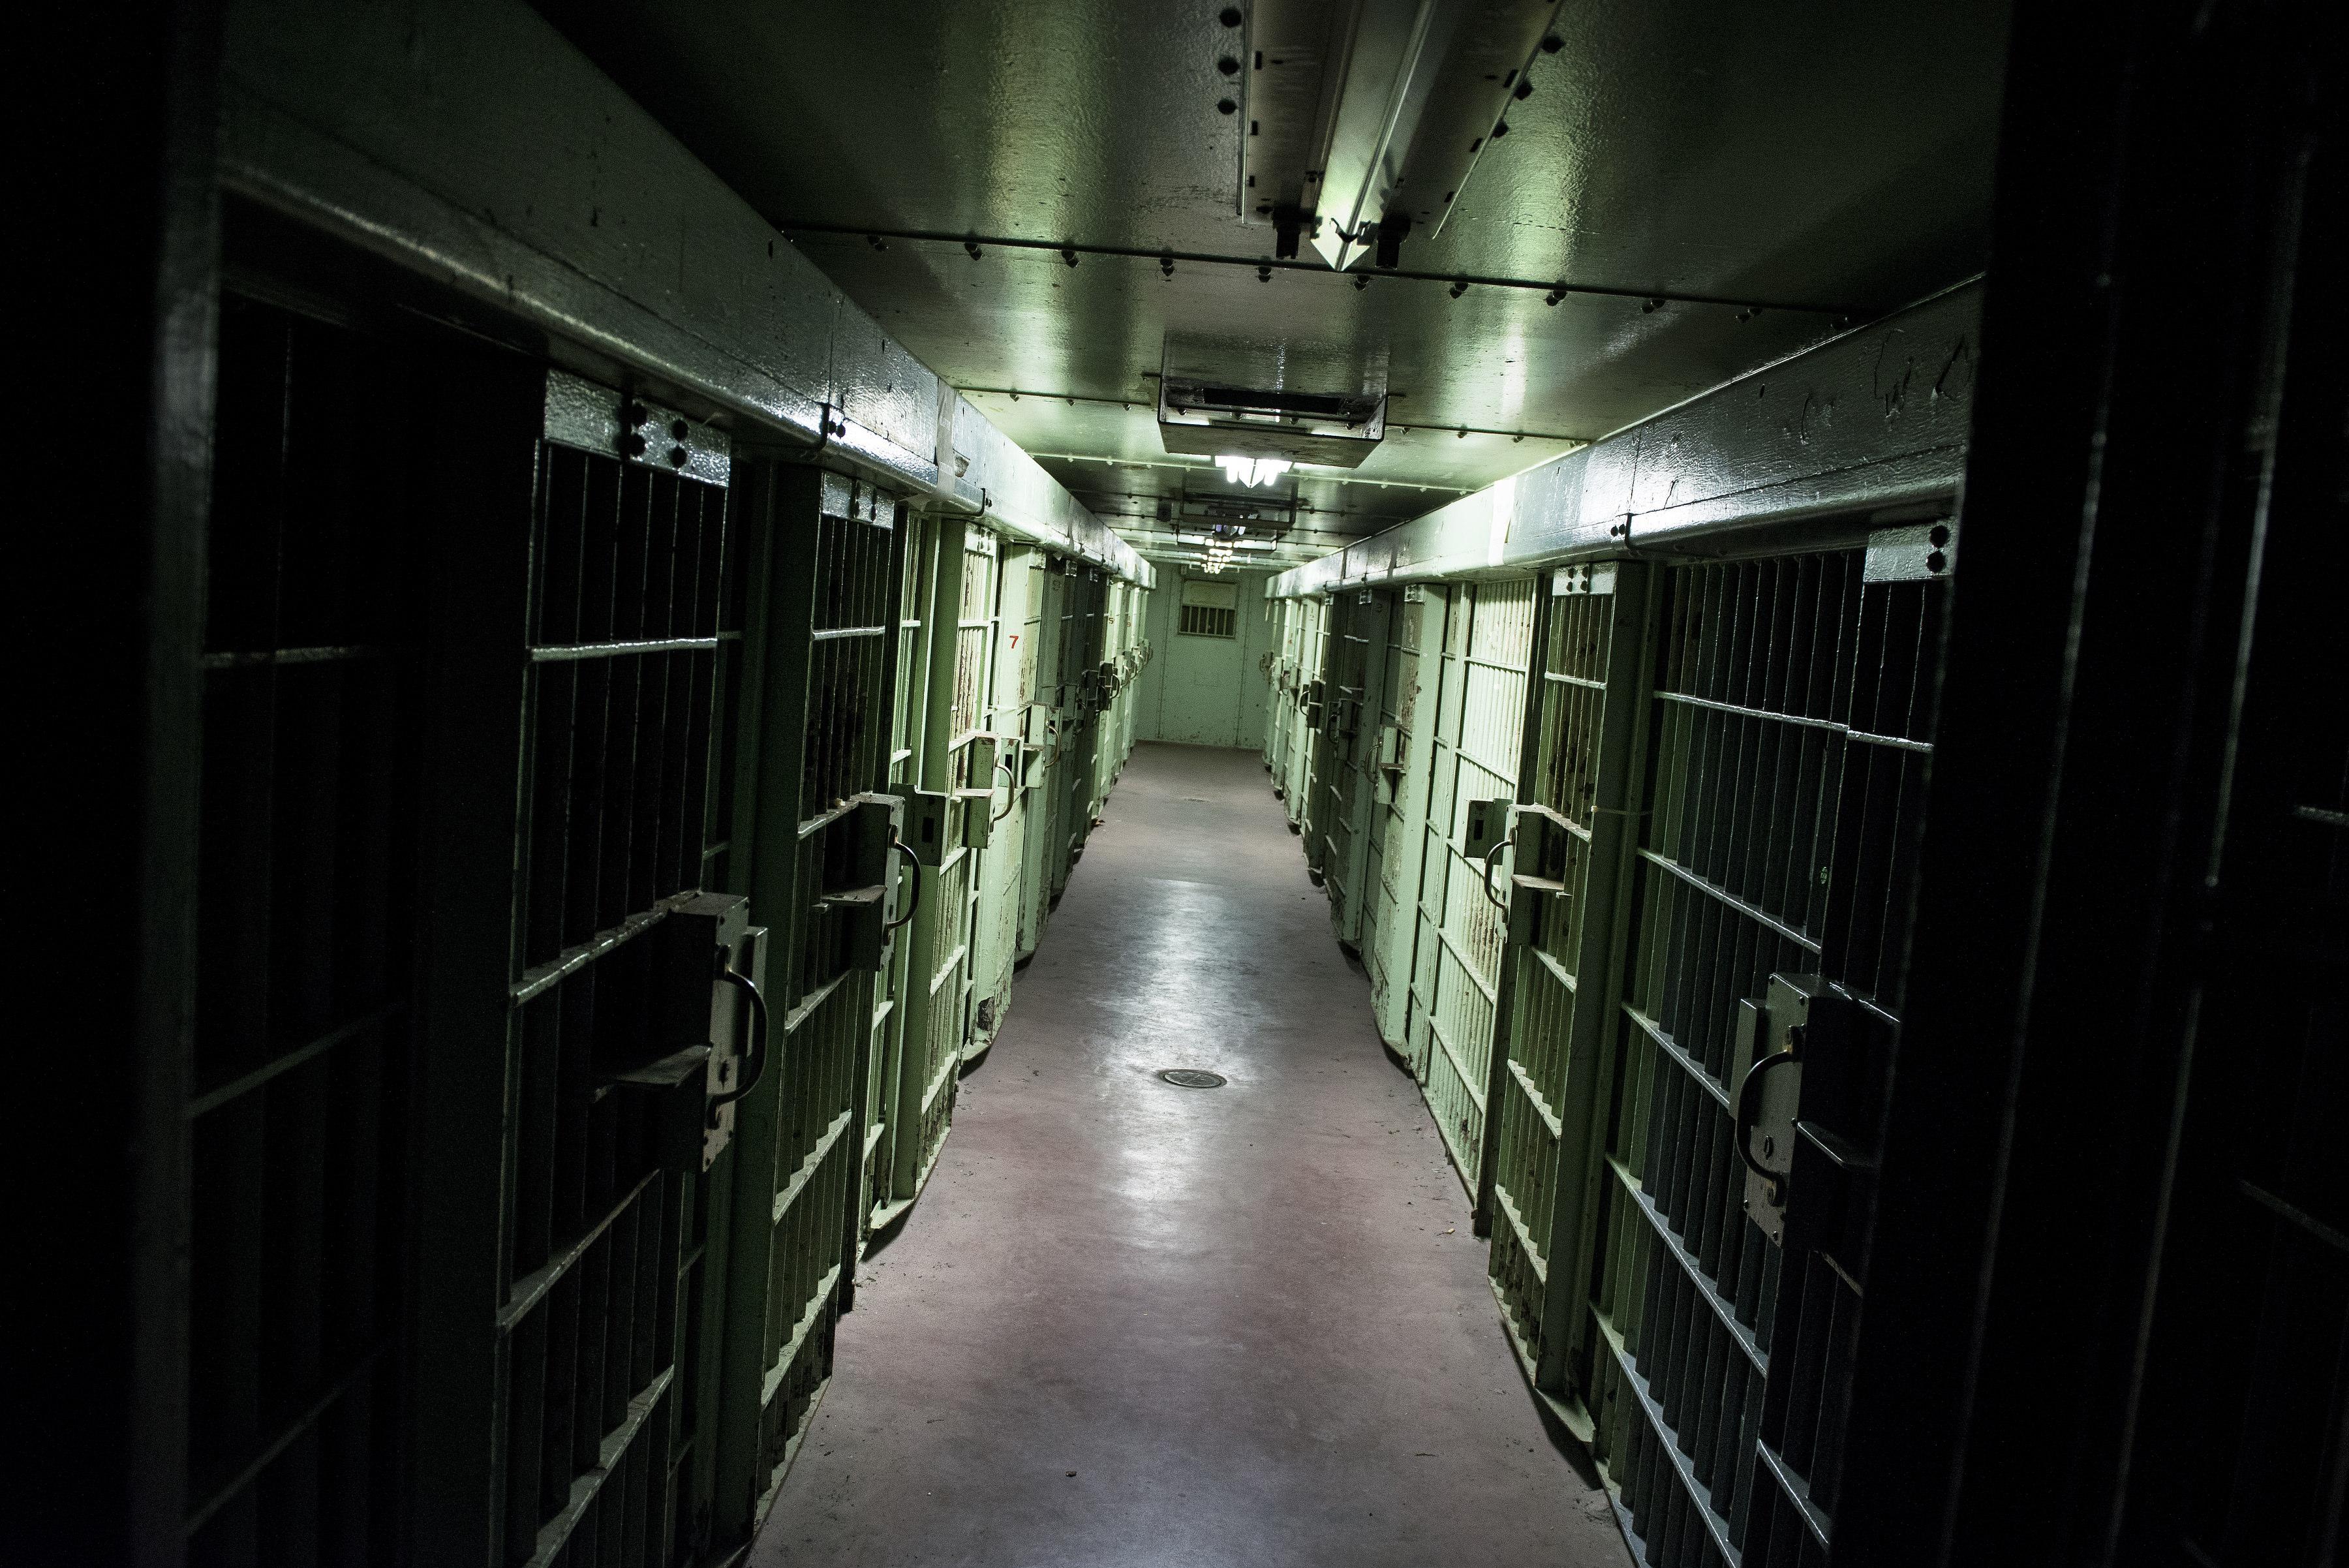 Fegyencek meghekkelték a börtönrendszert Idahóban, és dollárezreket utaltak a számlájukra